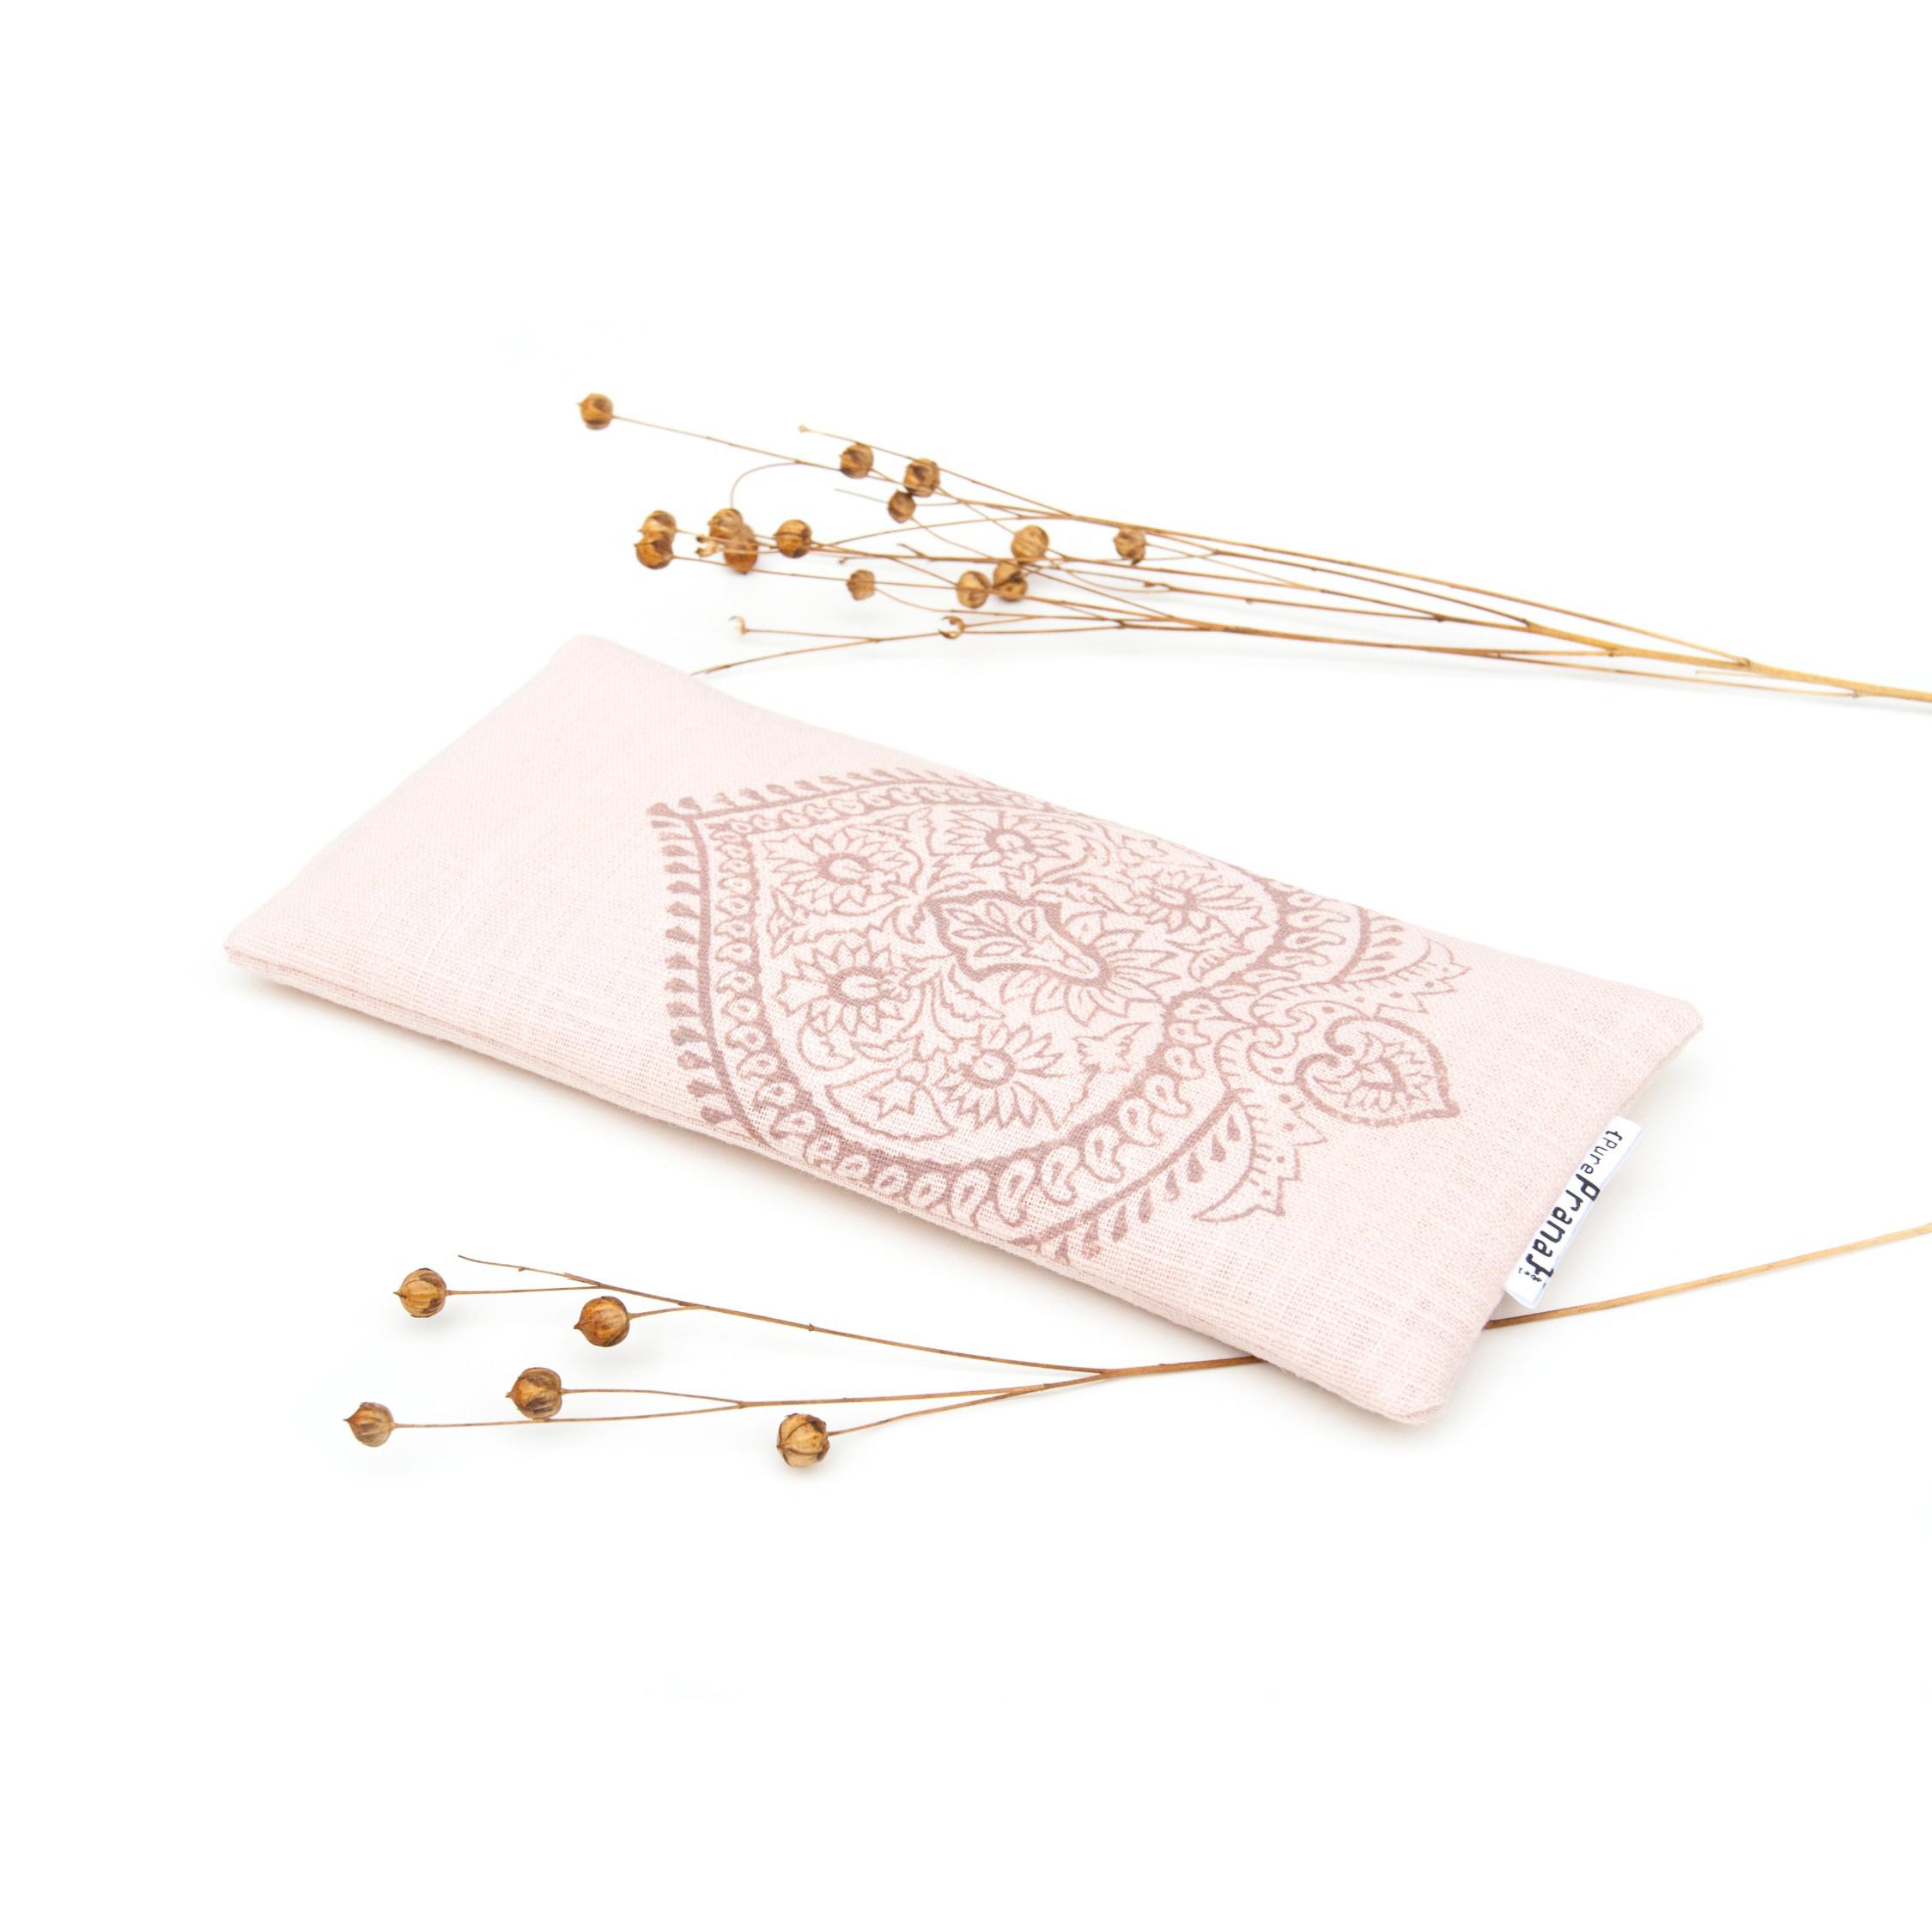 Lavendel oogkussen in licht roze linnen, gevuld met kristallen